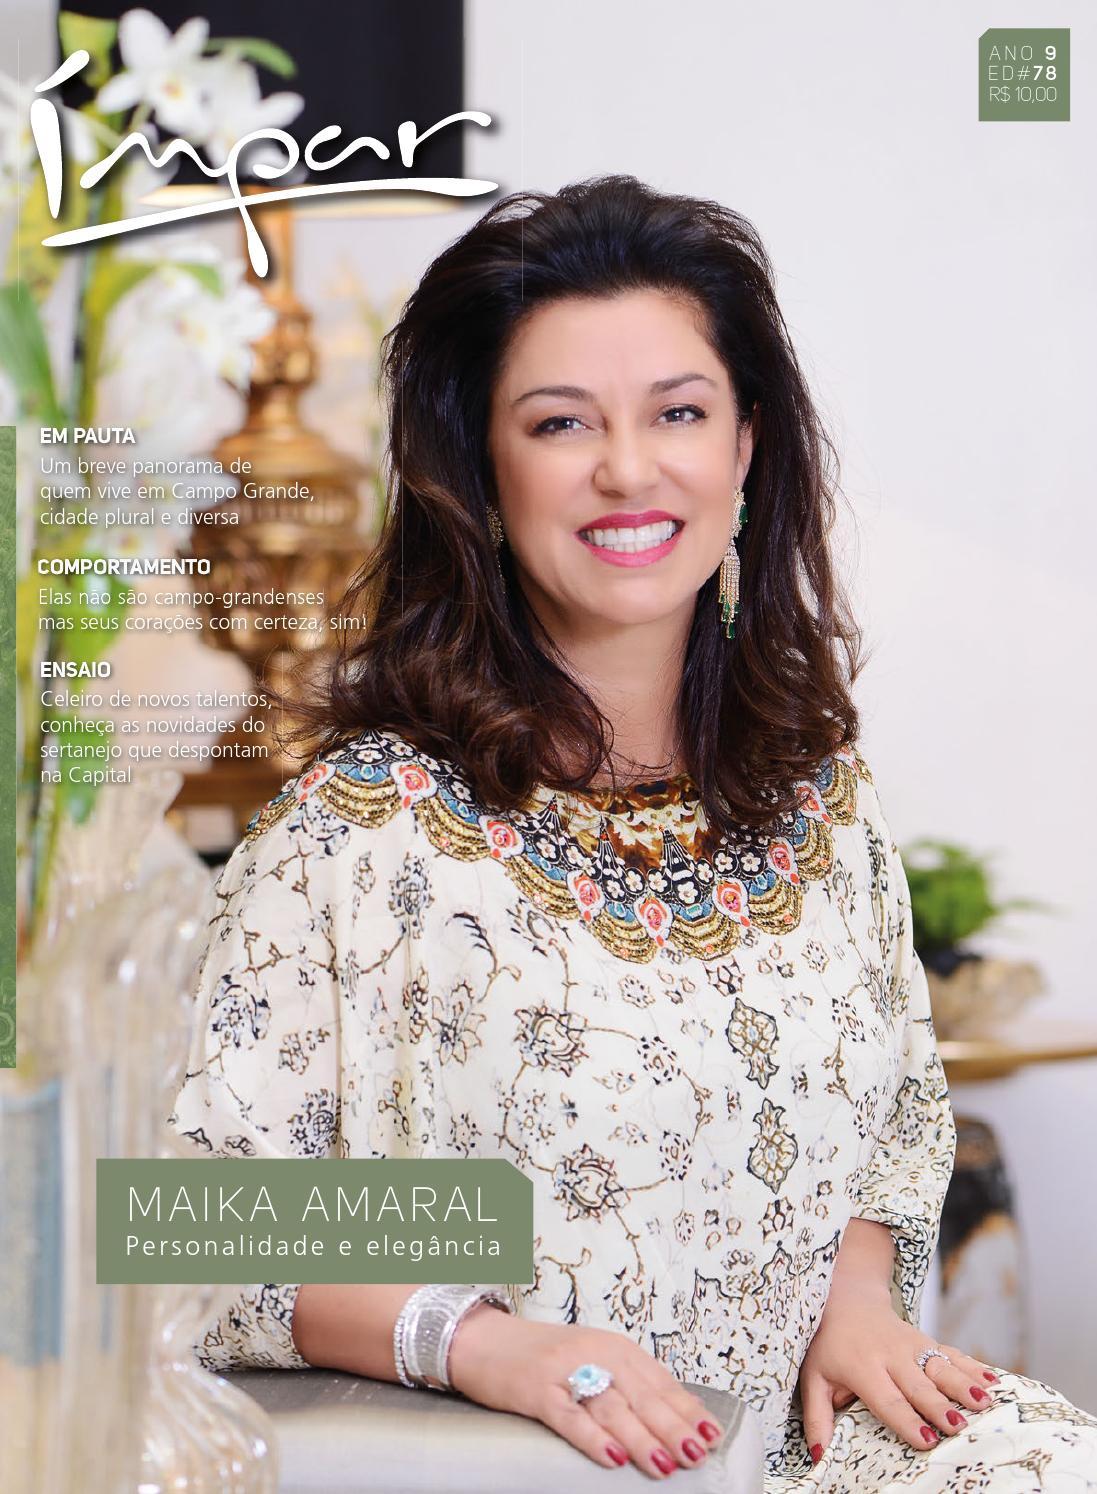 f9f3e9914 Maika Amaral - Personalidade e elegância by Revista Ímpar - issuu